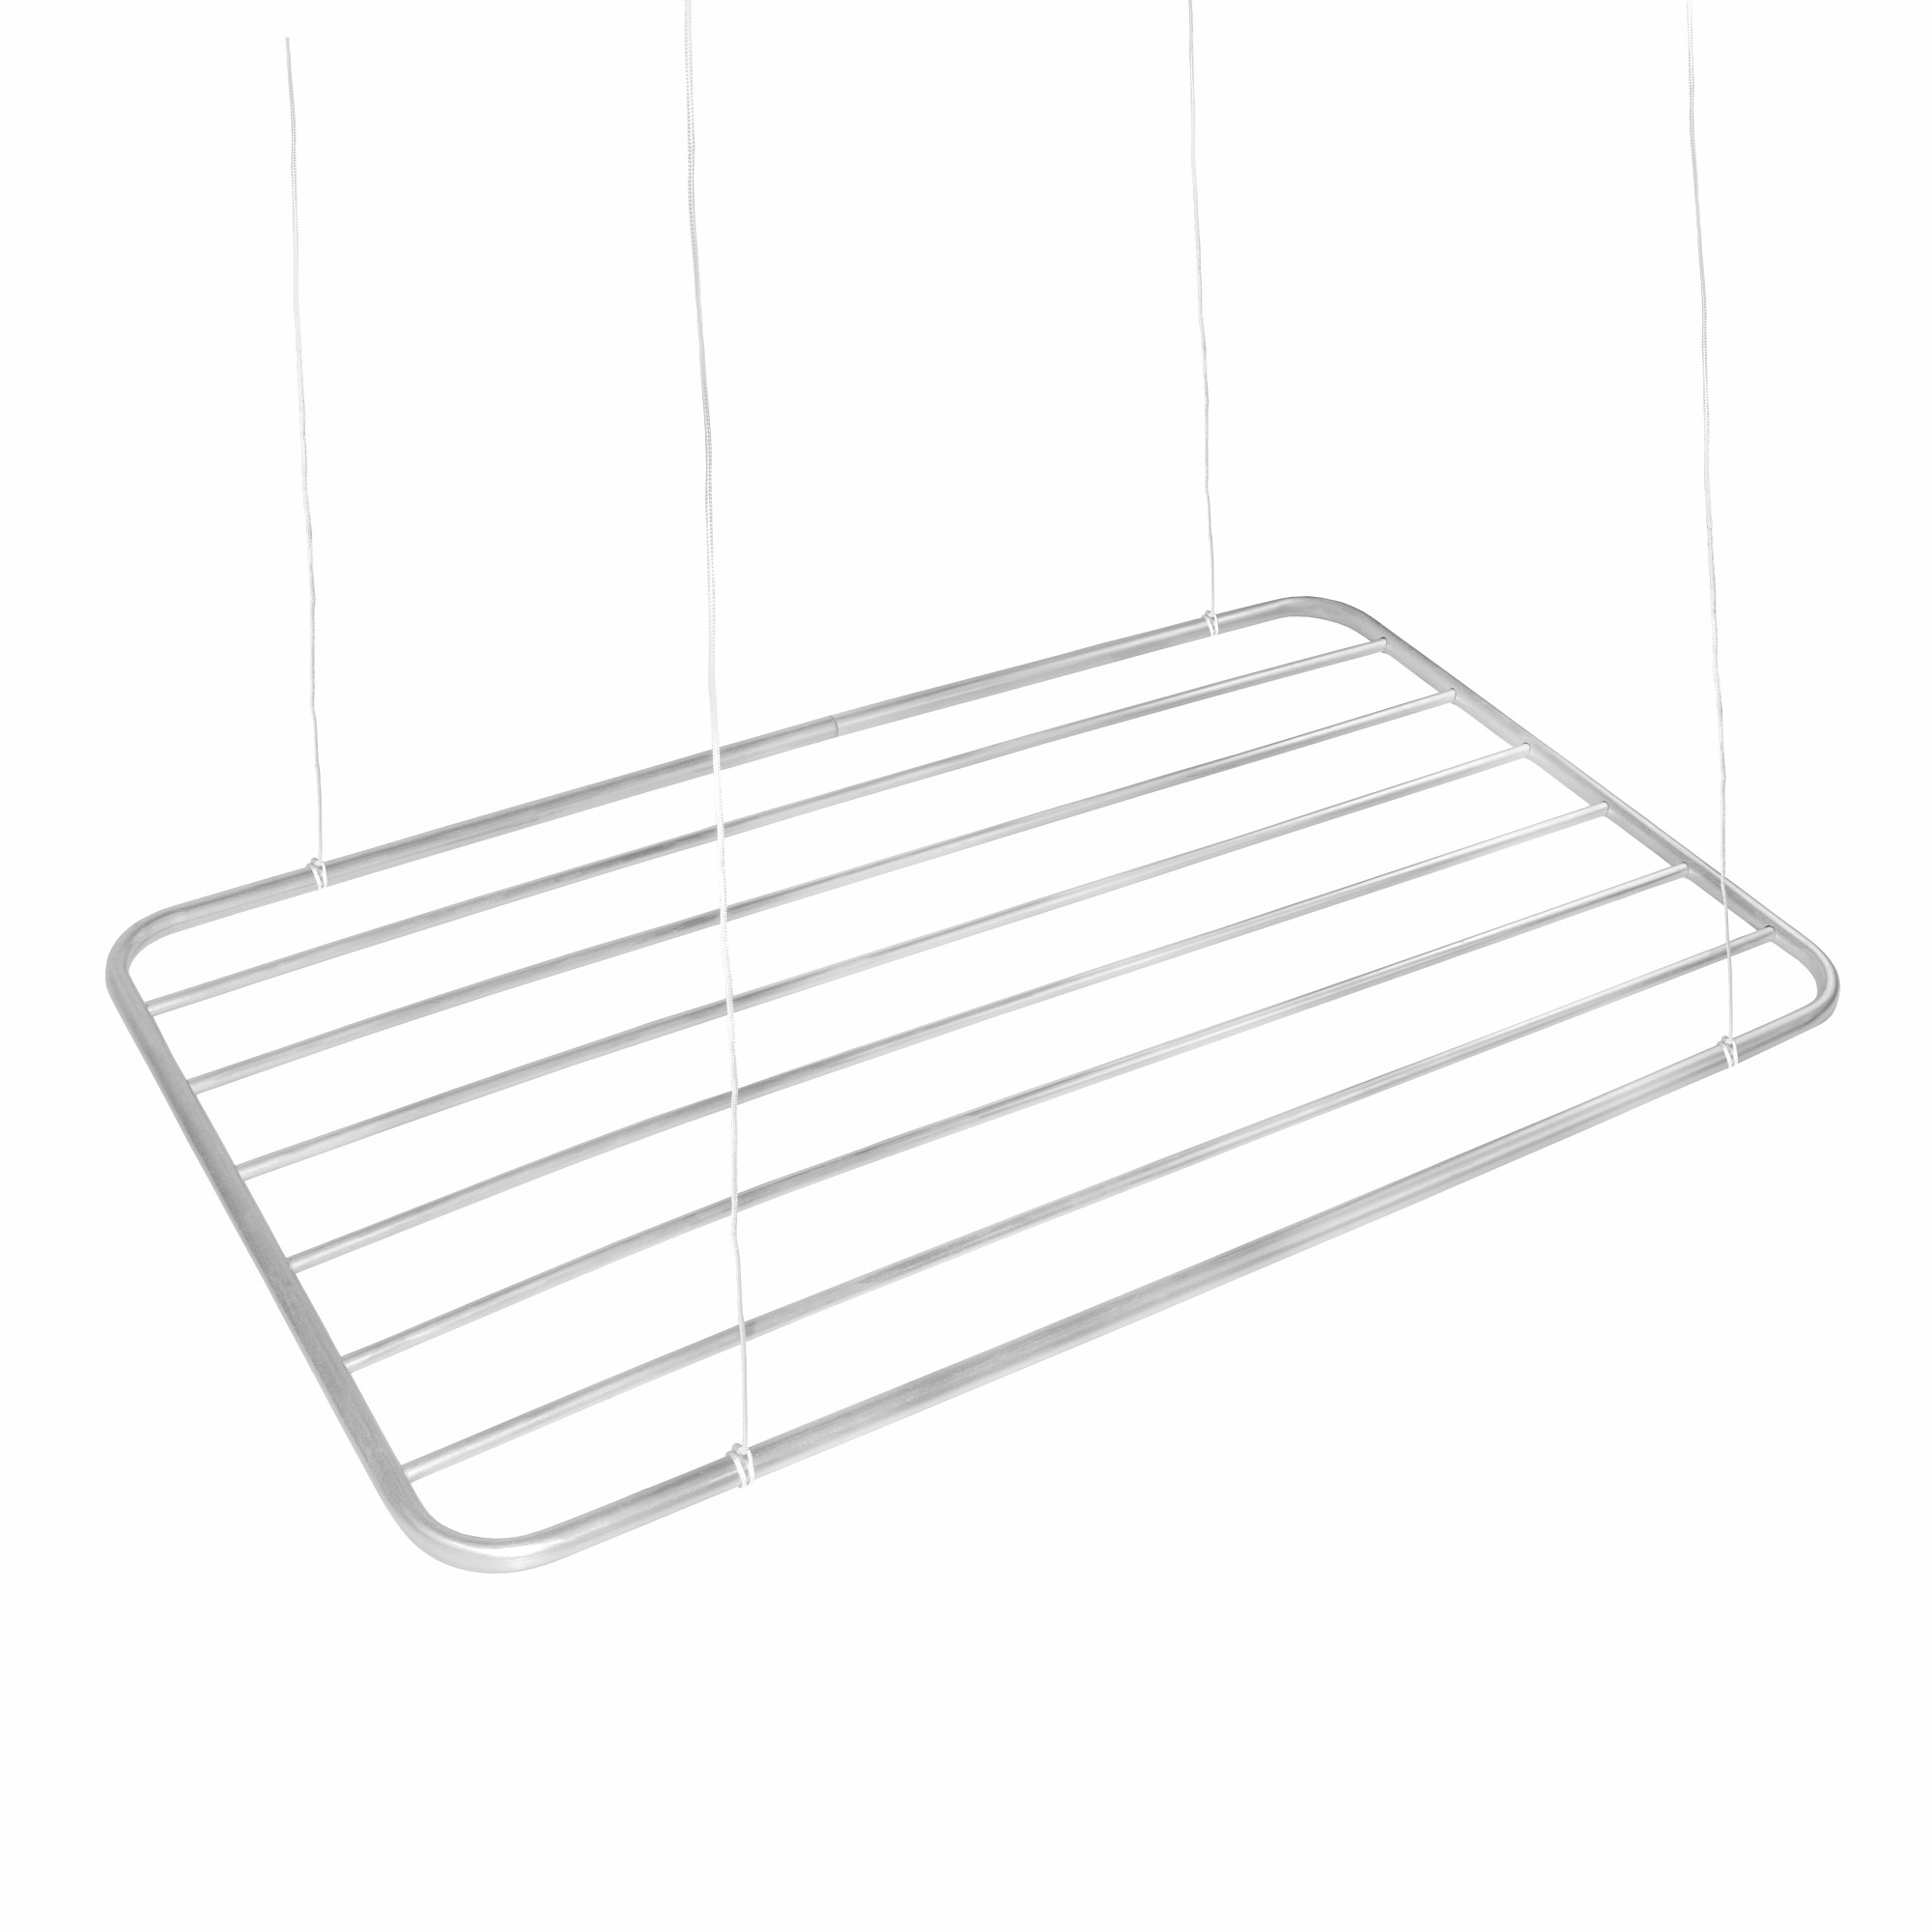 Varal de Teto Aluminio 56X100cm VT1 - SoVarais